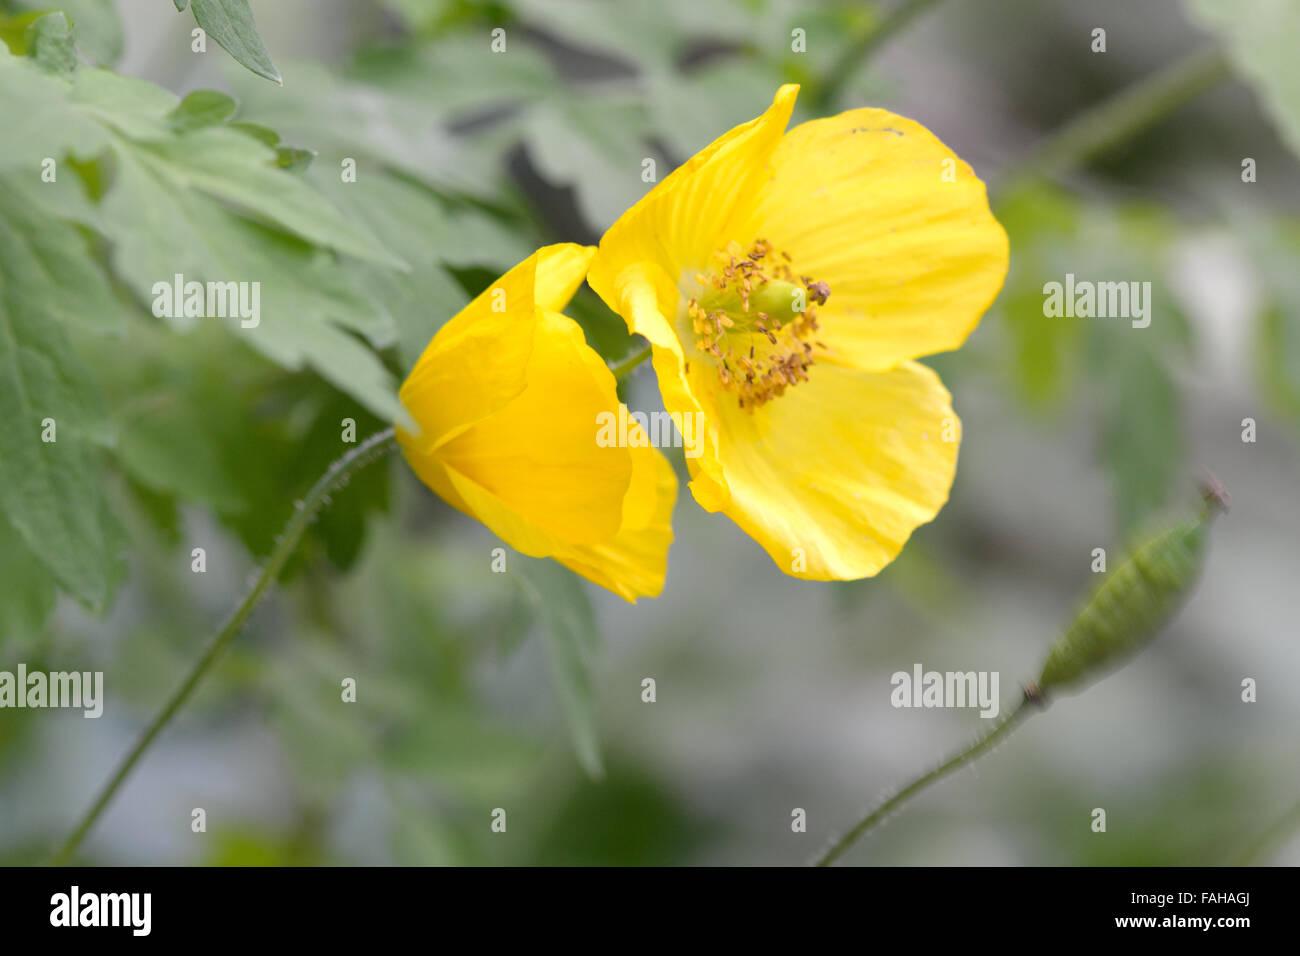 Welsh poppy meconopsis cambrica a wild yellow poppy in flower in welsh poppy meconopsis cambrica a wild yellow poppy in flower in a british woodland mightylinksfo